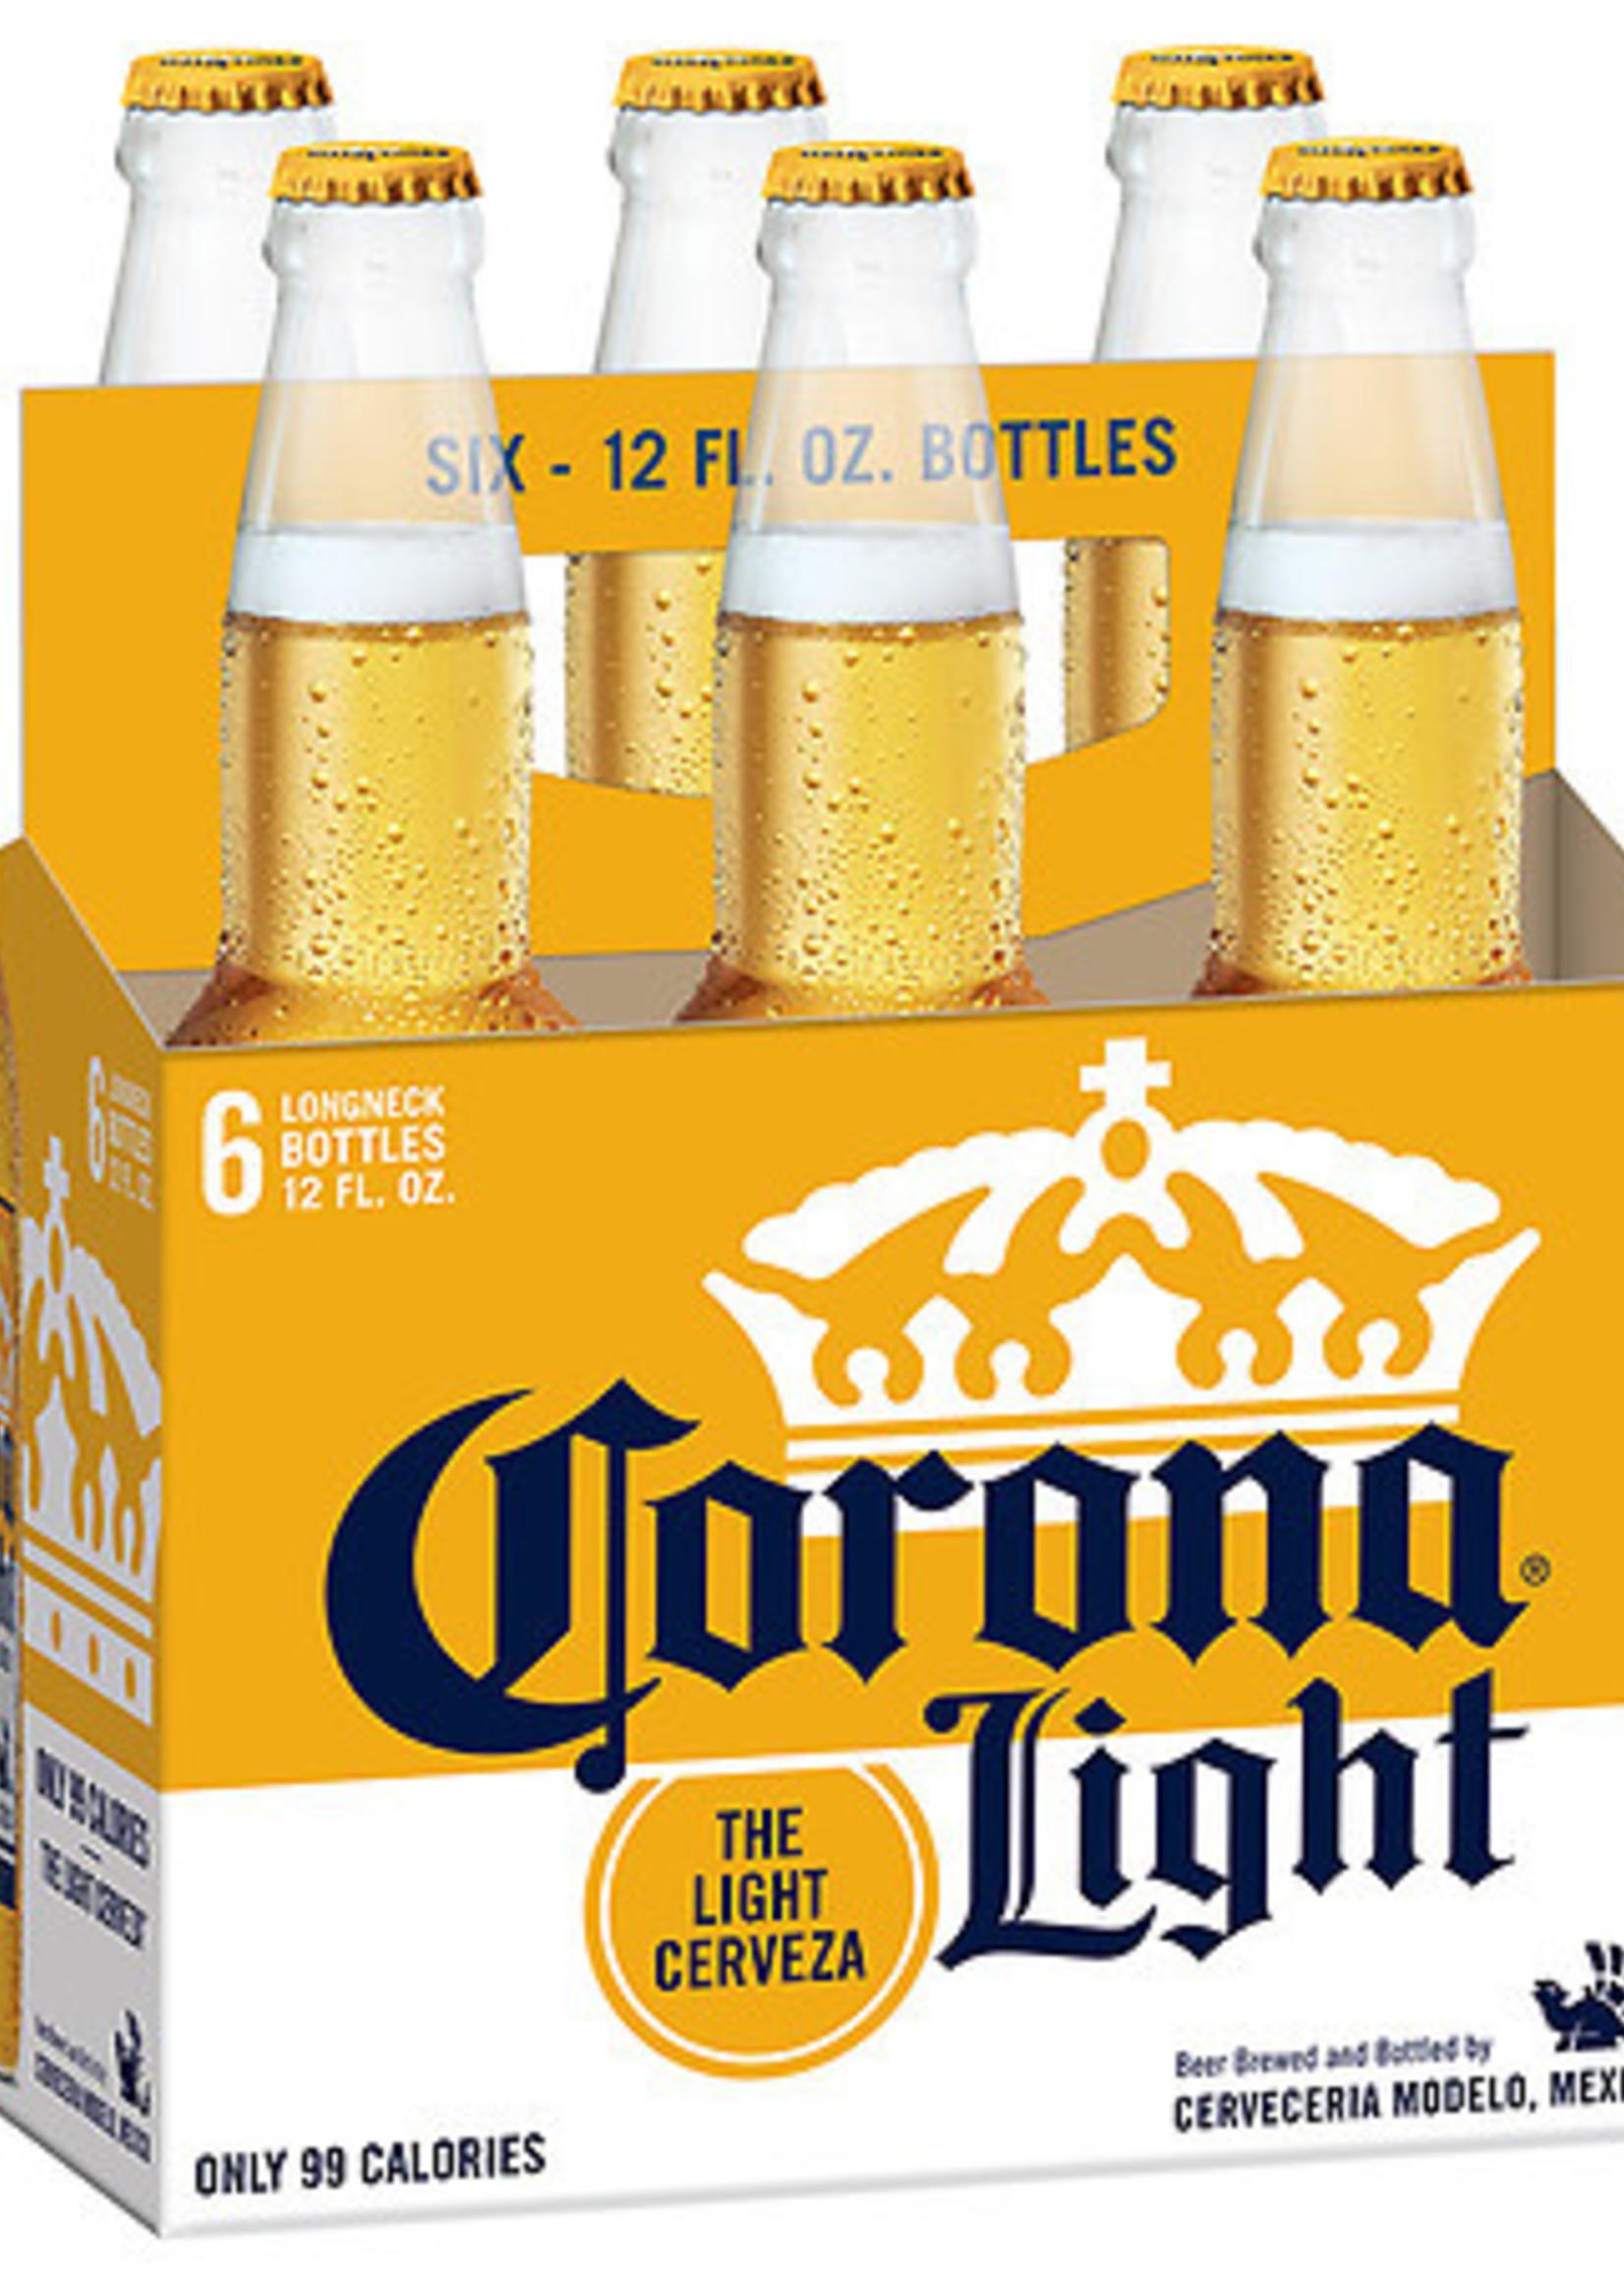 Corona Light 6 Bottles